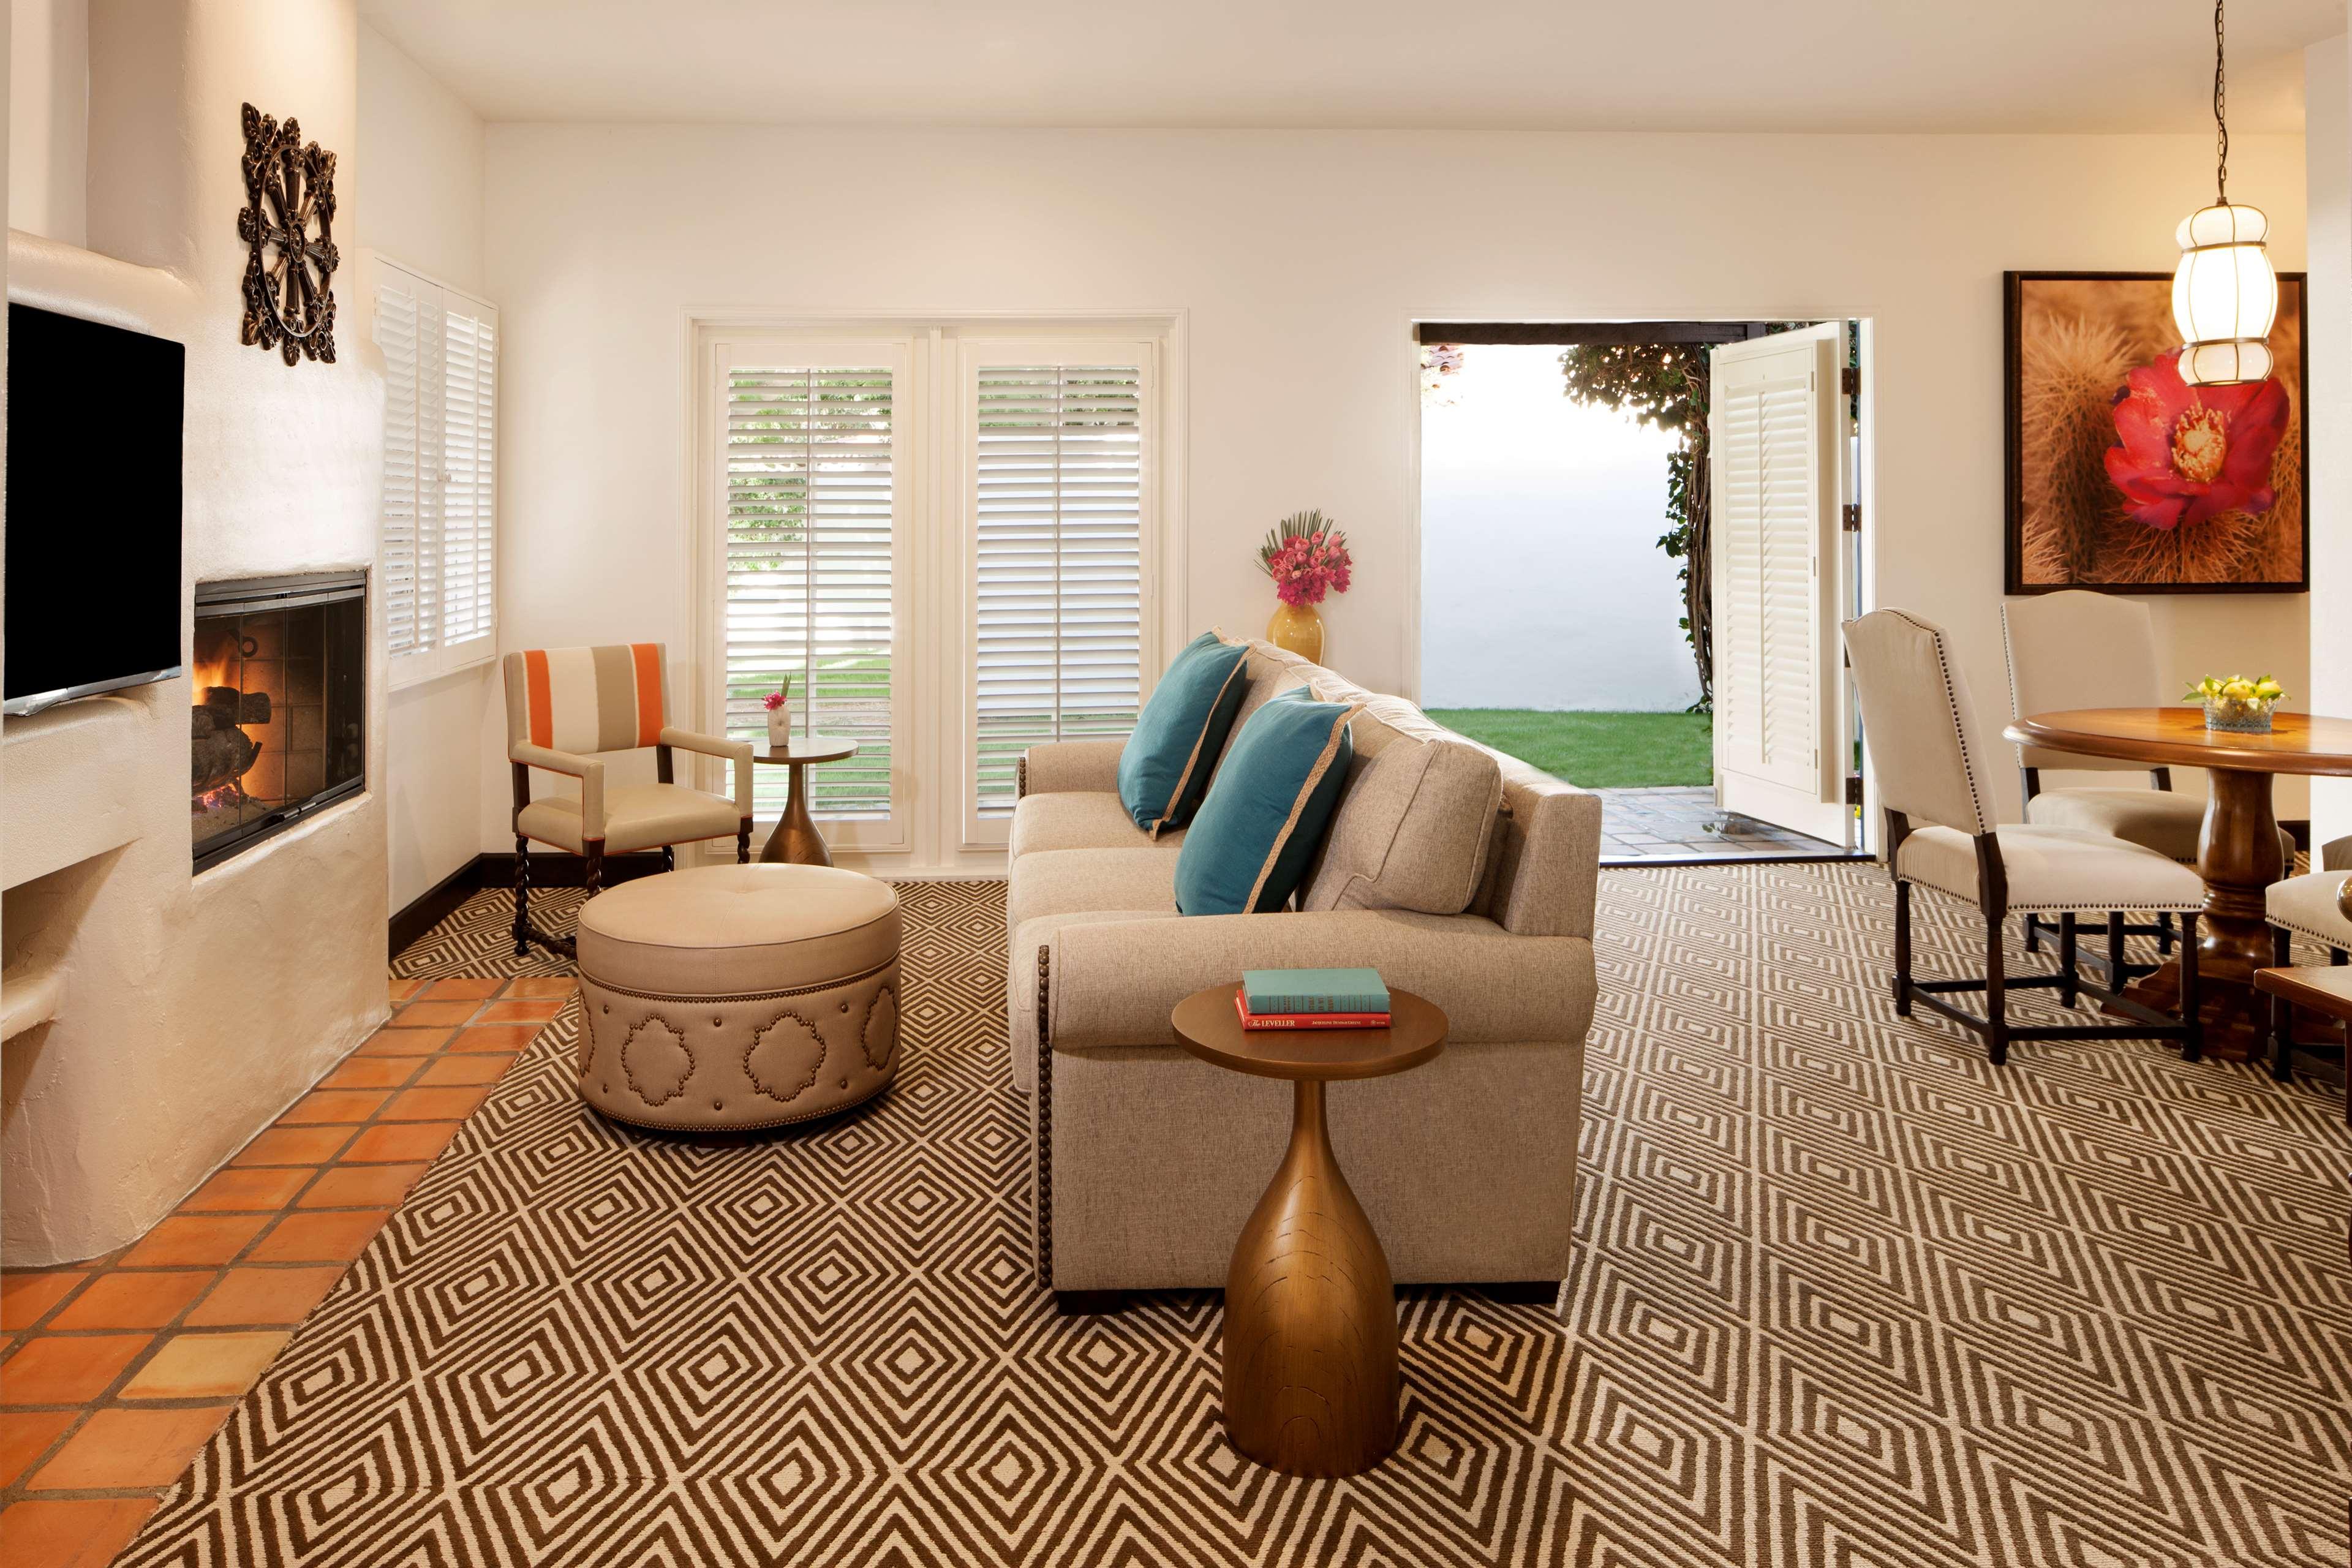 La Quinta Resort & Club, A Waldorf Astoria Resort image 28